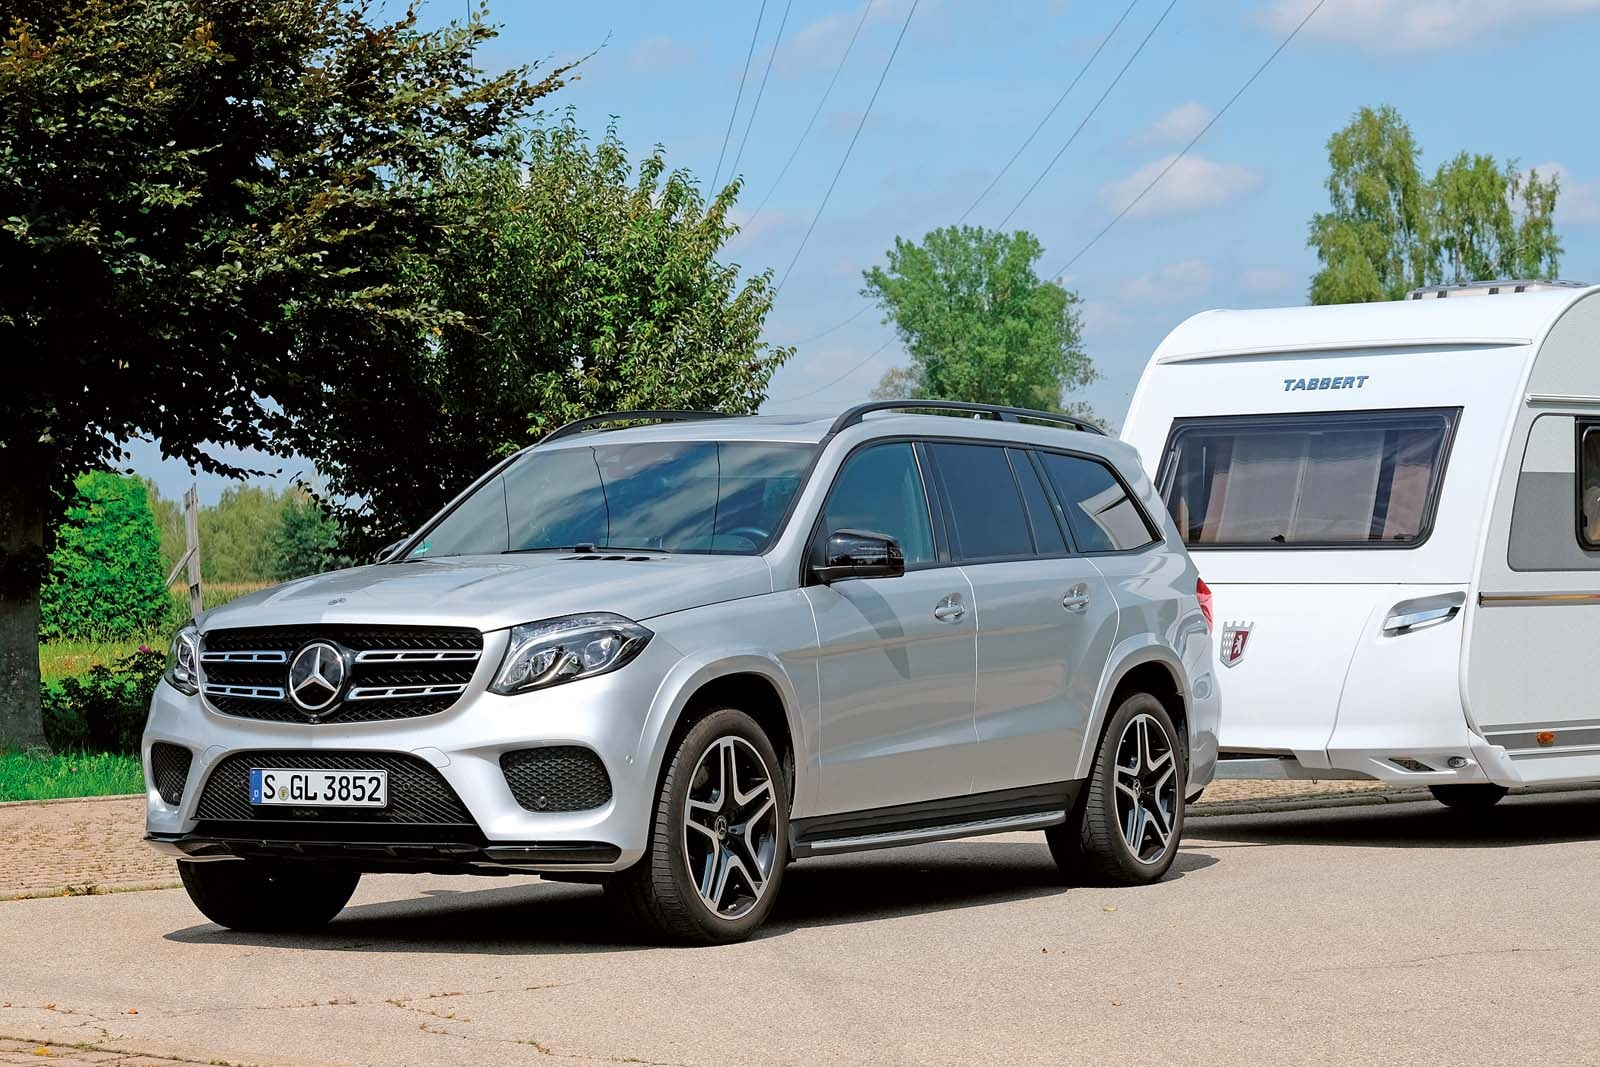 Mercedes benz gls 350 d camping cars caravans for Mercedes benz gls